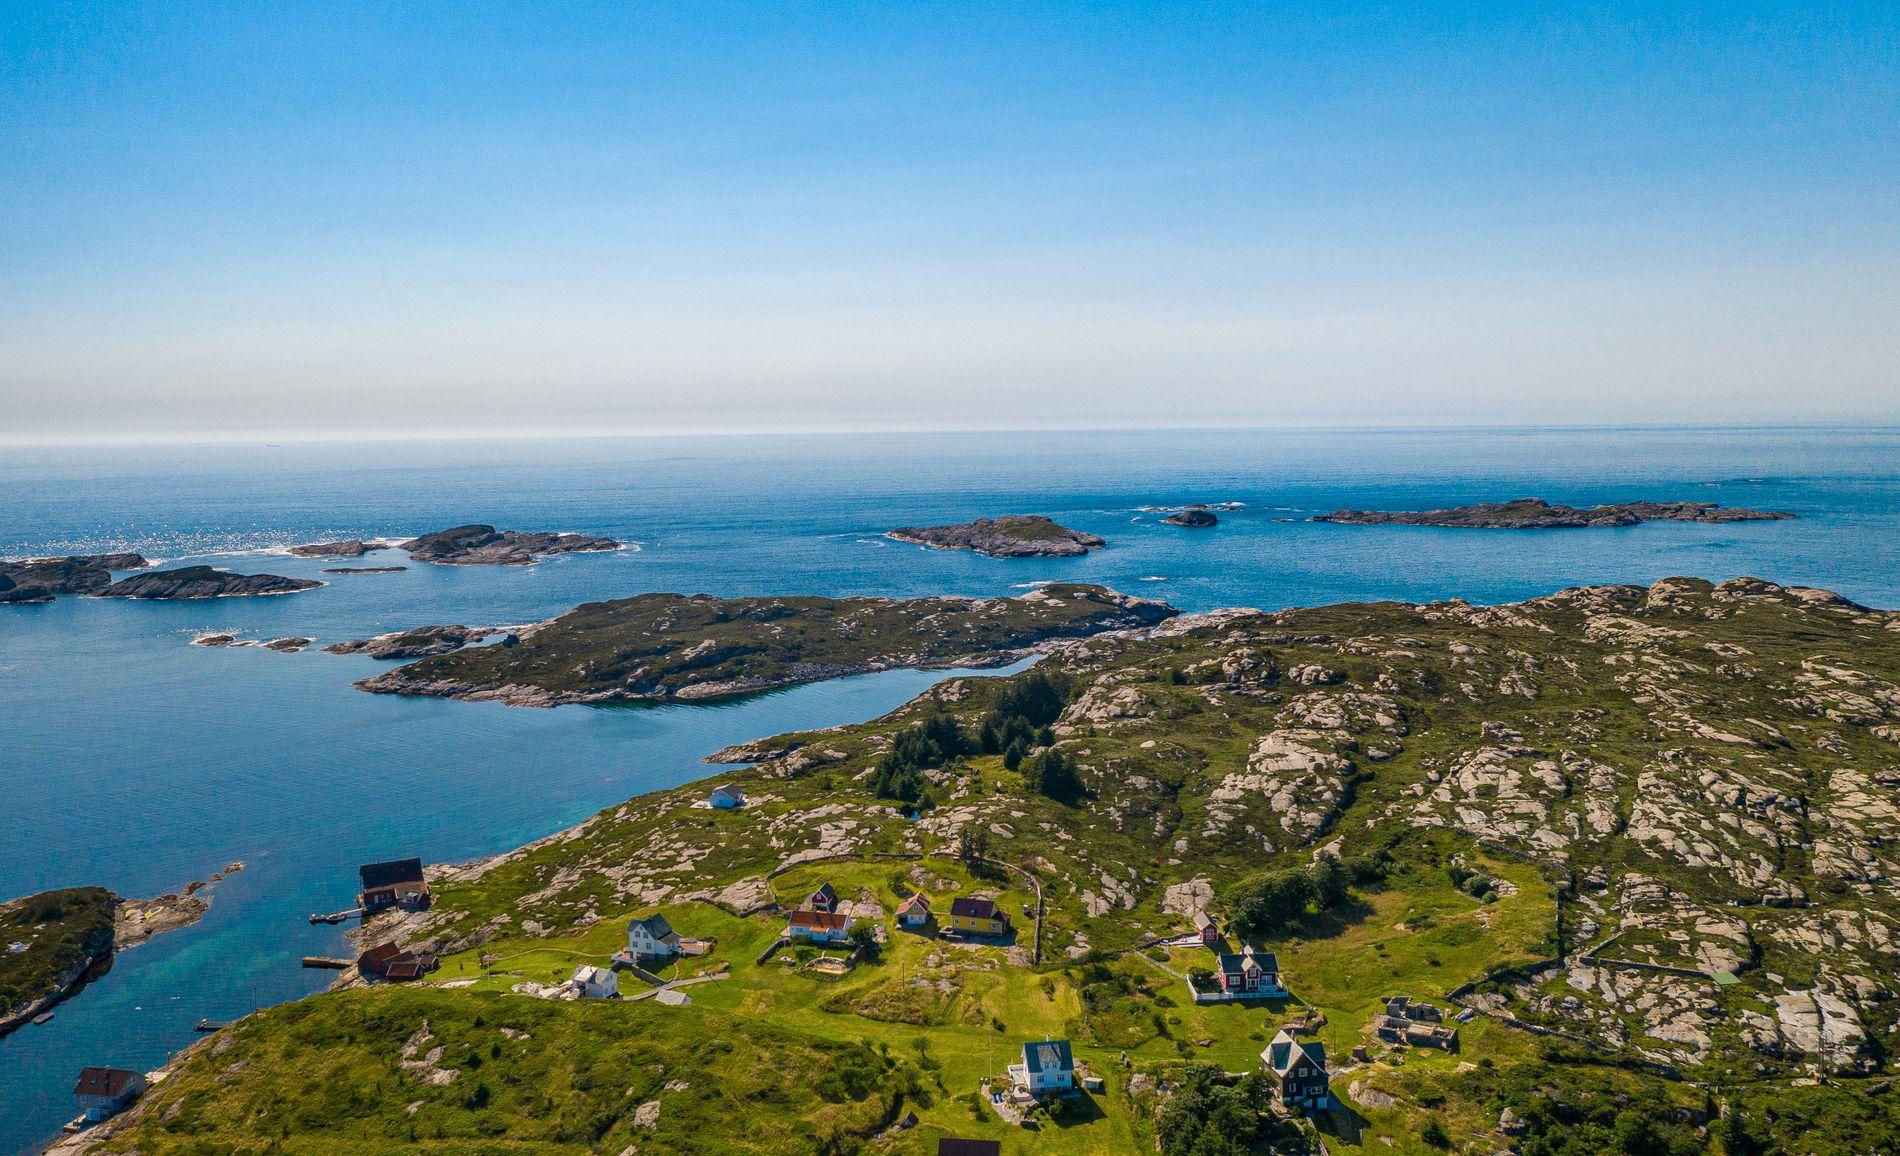 For rundt hundre år siden var det et lite fiskerisamfunn her ytterst i havgapet. Per i dag er det ti fritidshus på øyen.